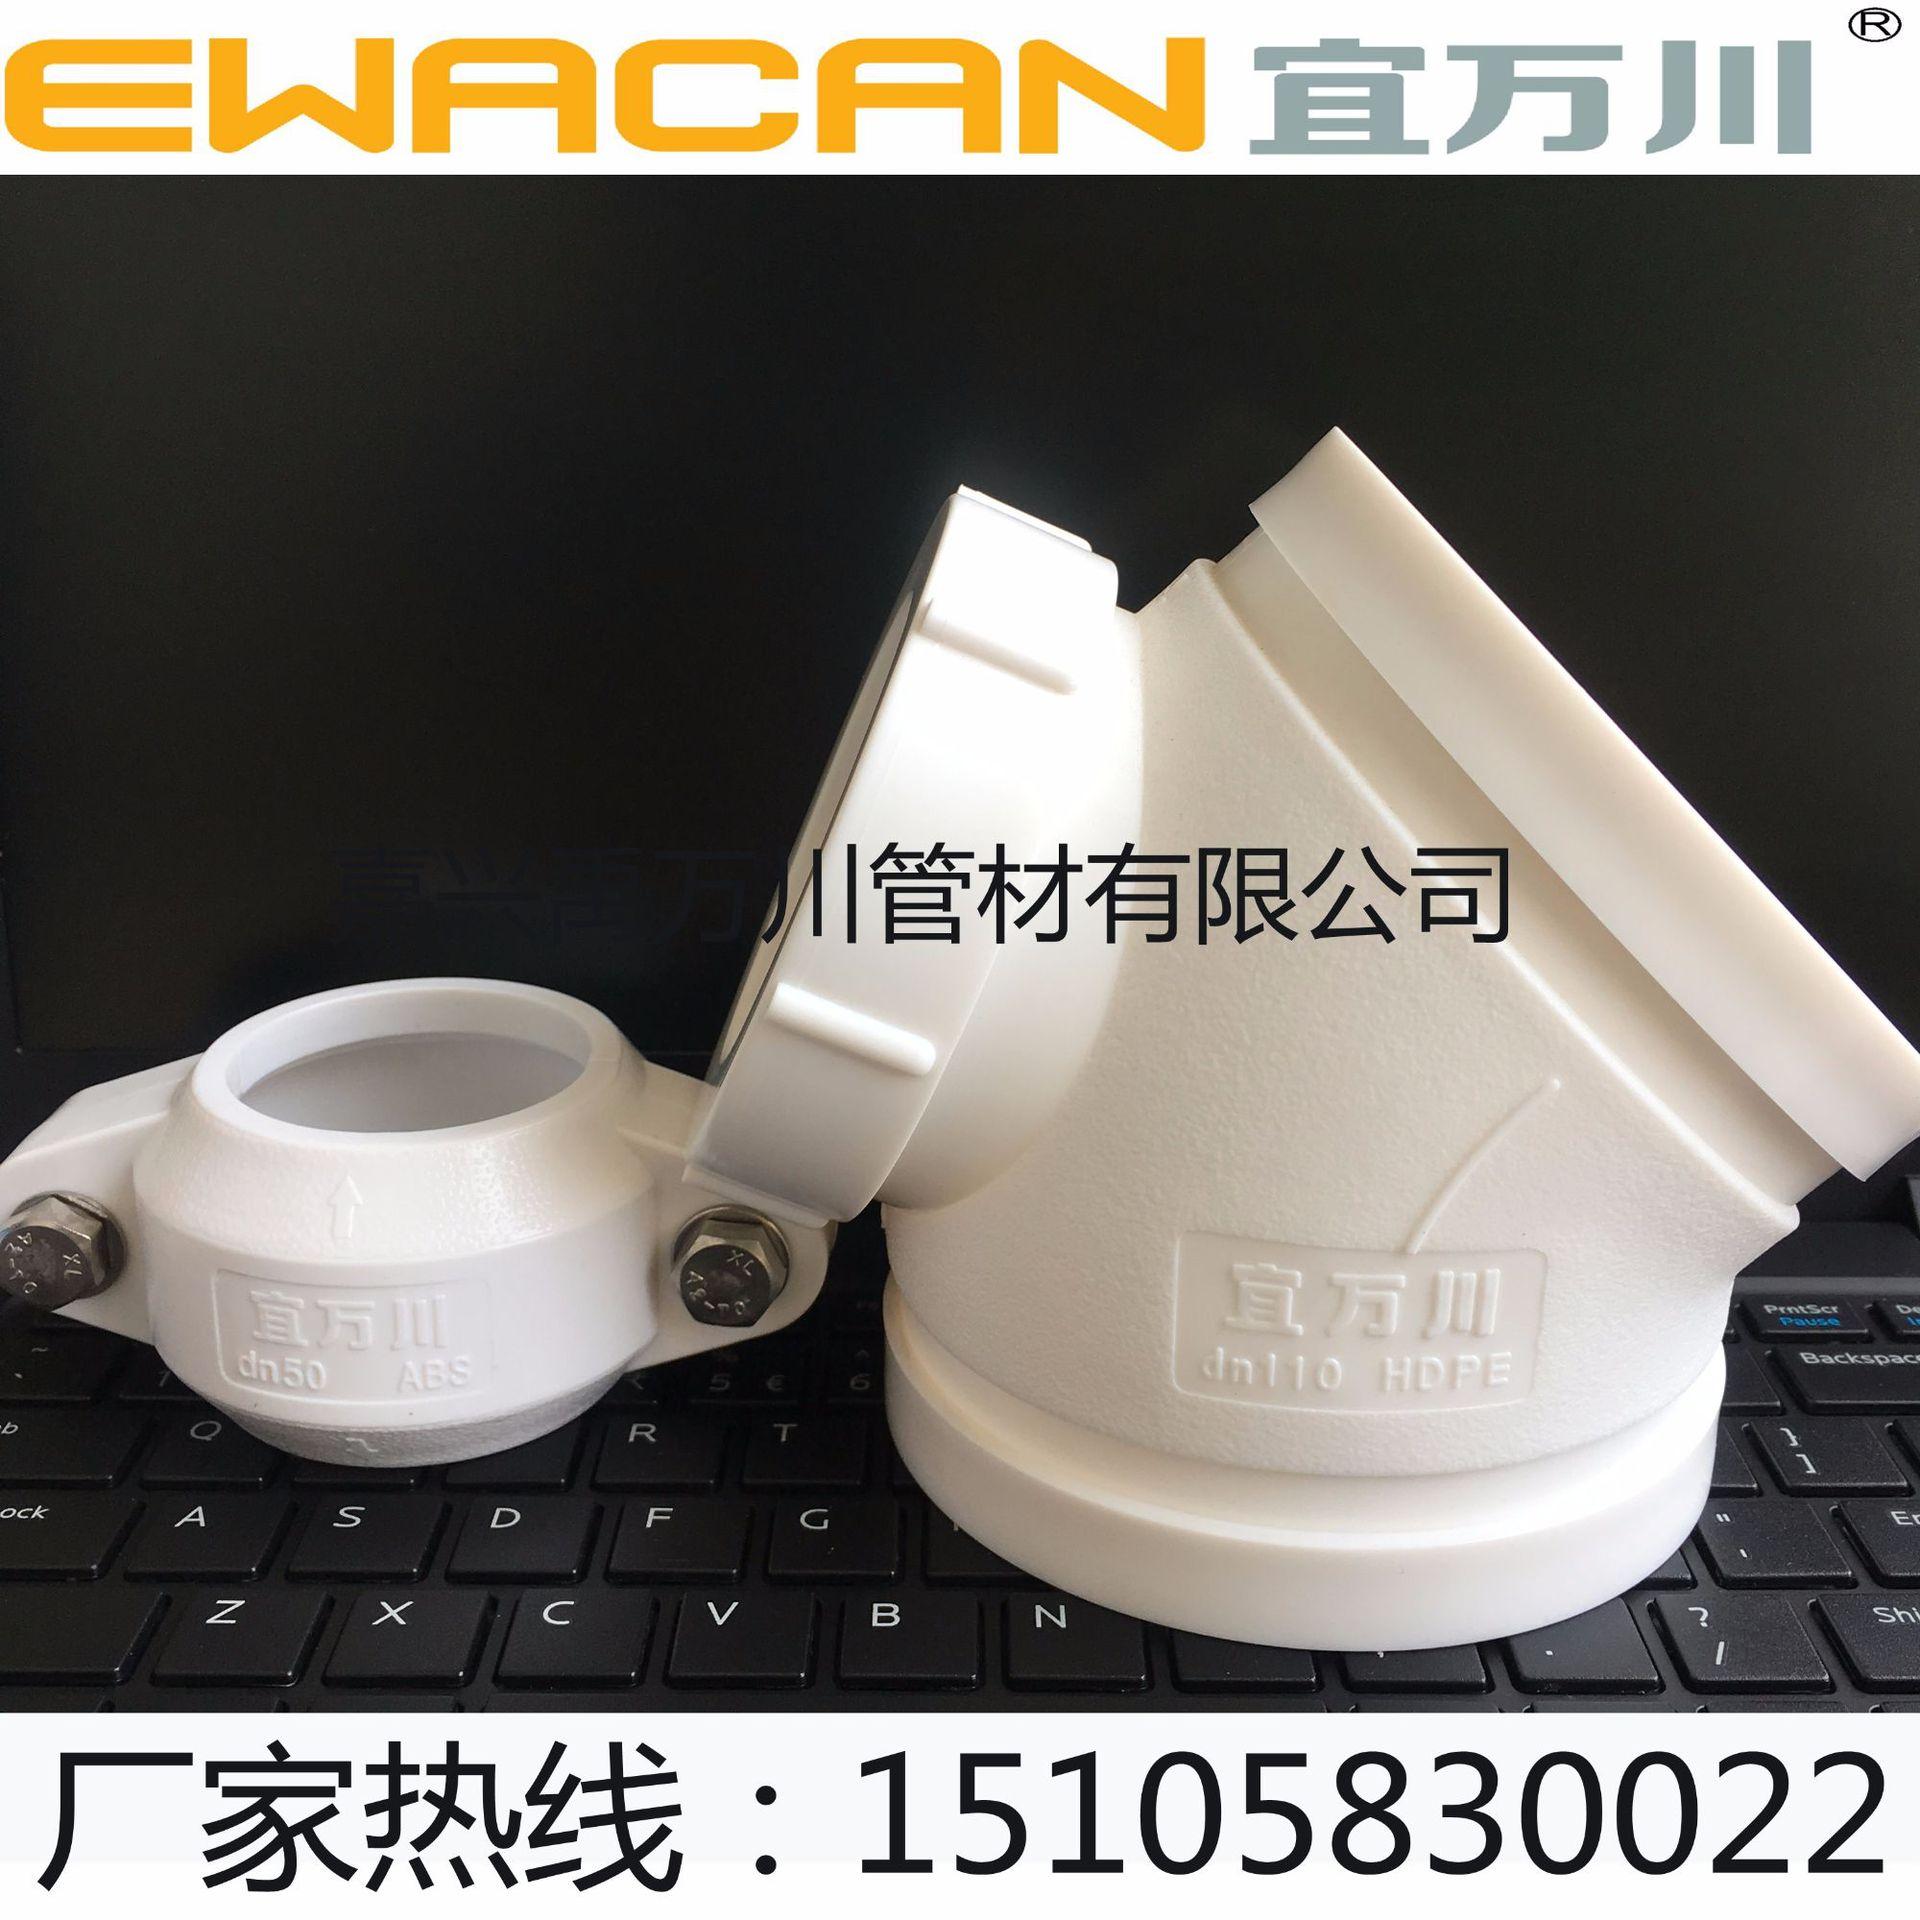 沟槽式HDPE超静音排水管,高密度聚乙烯ABS压环卡箍柔性连接示例图4